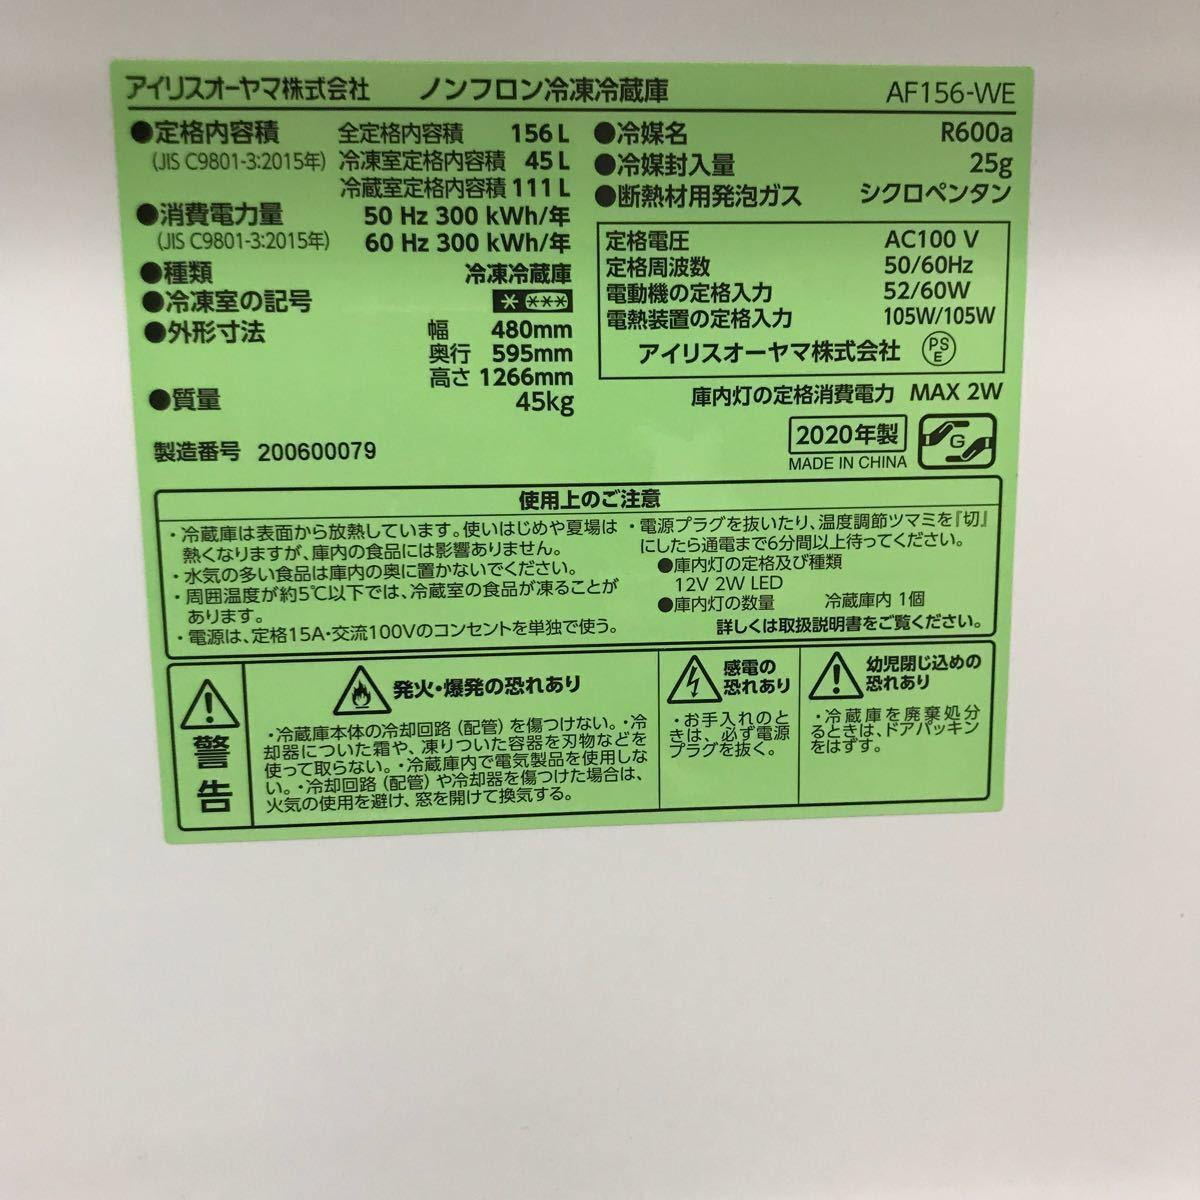 アイリスオーヤマ 冷蔵庫 2020